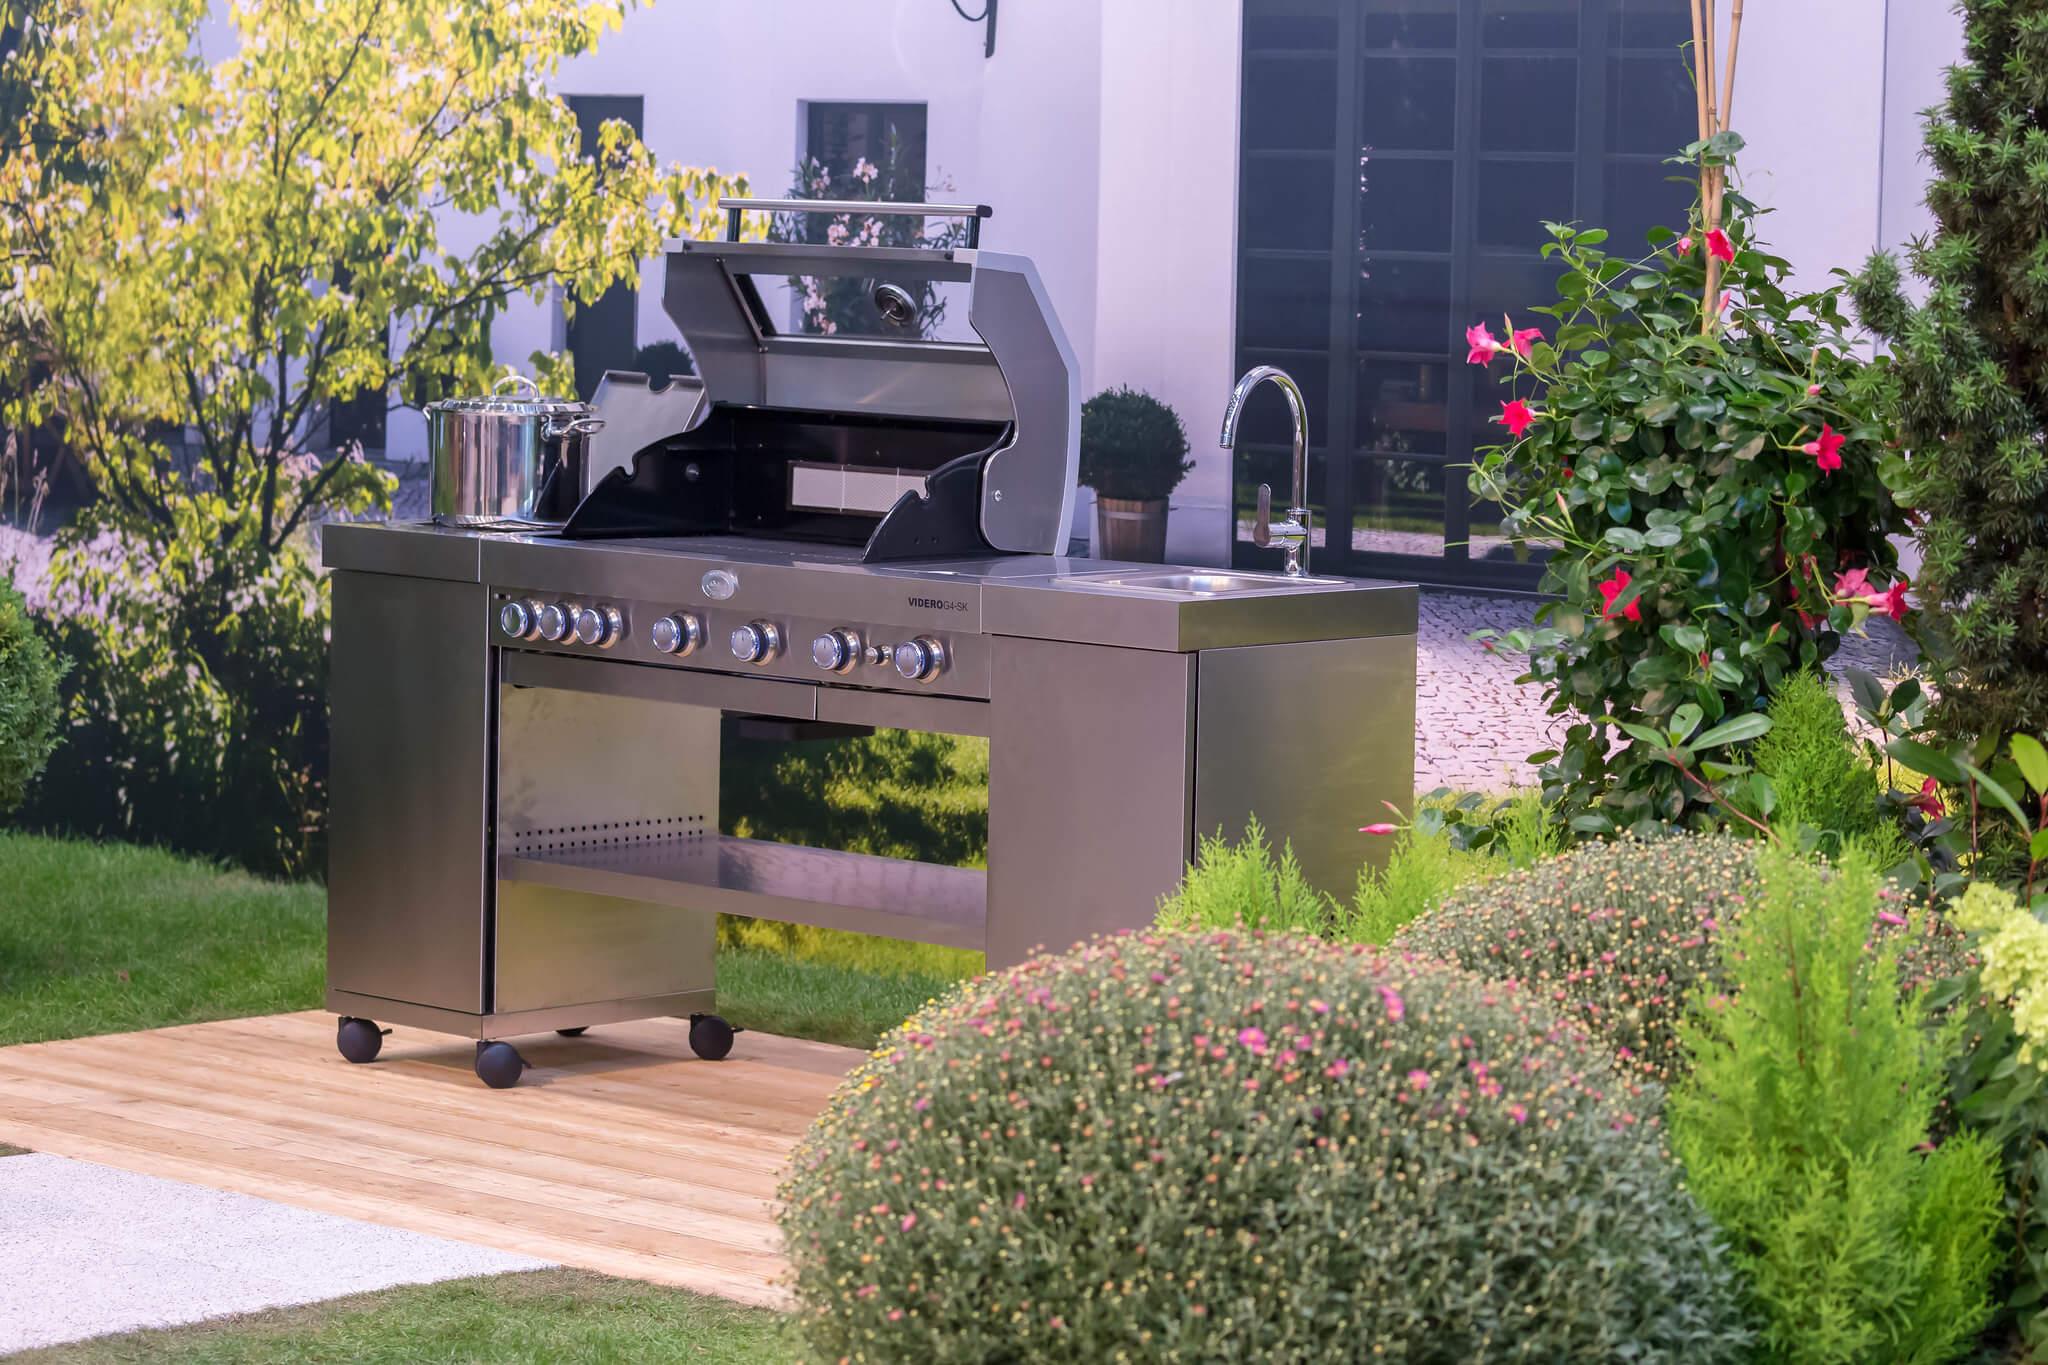 rösle grill header